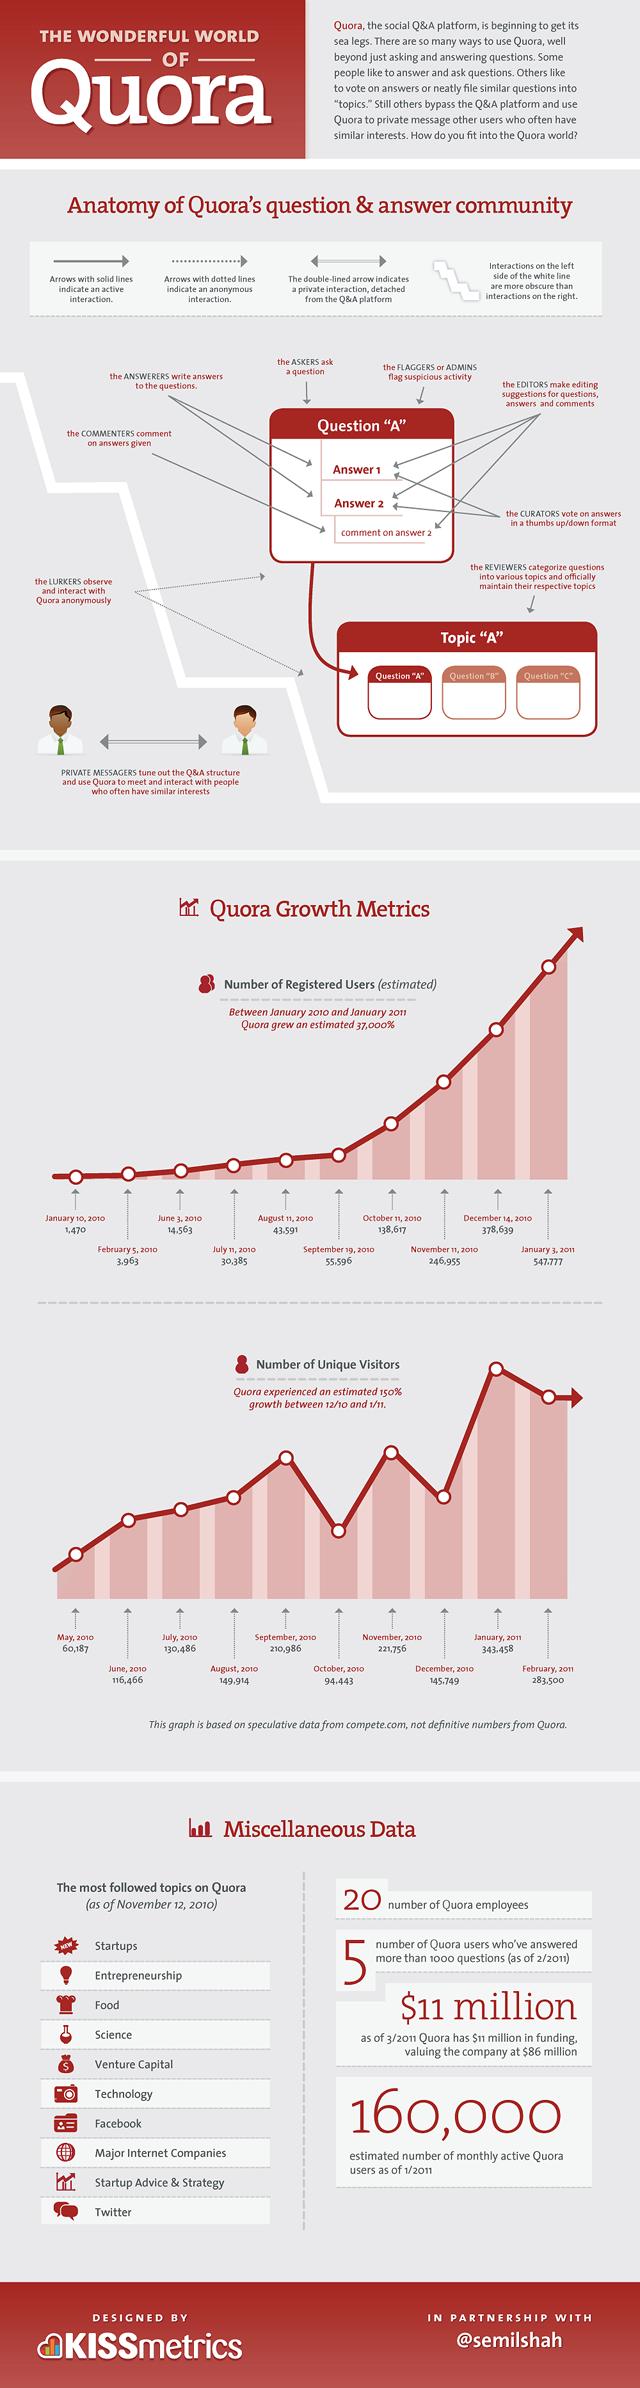 Statistiques sur Quora